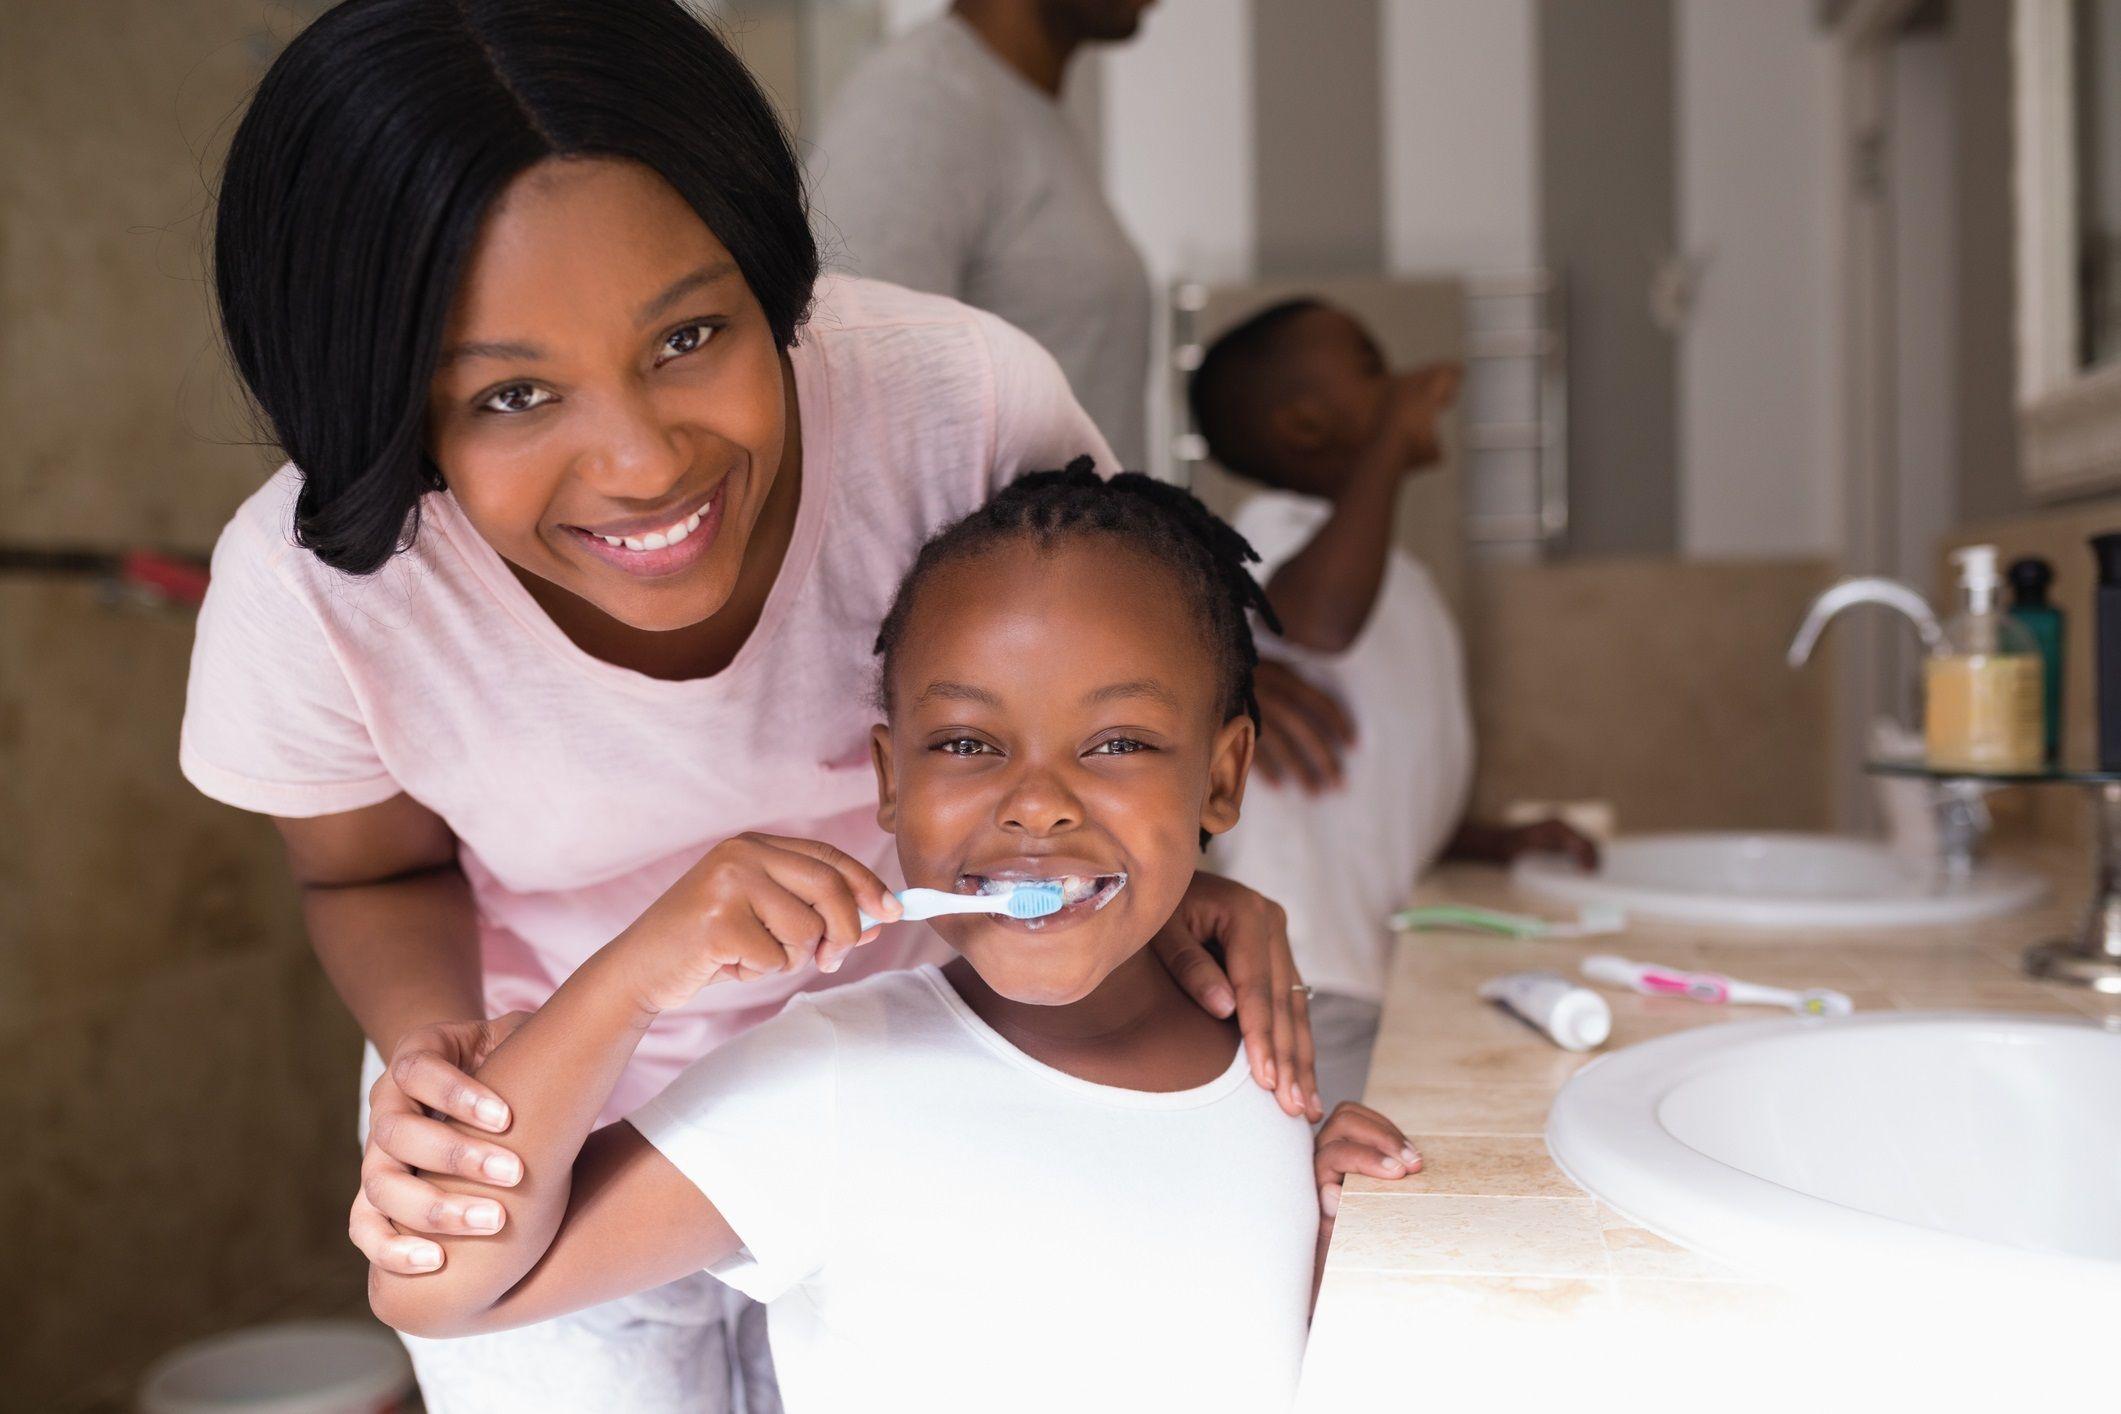 Dele a su hijo una boca sana para toda la vida.